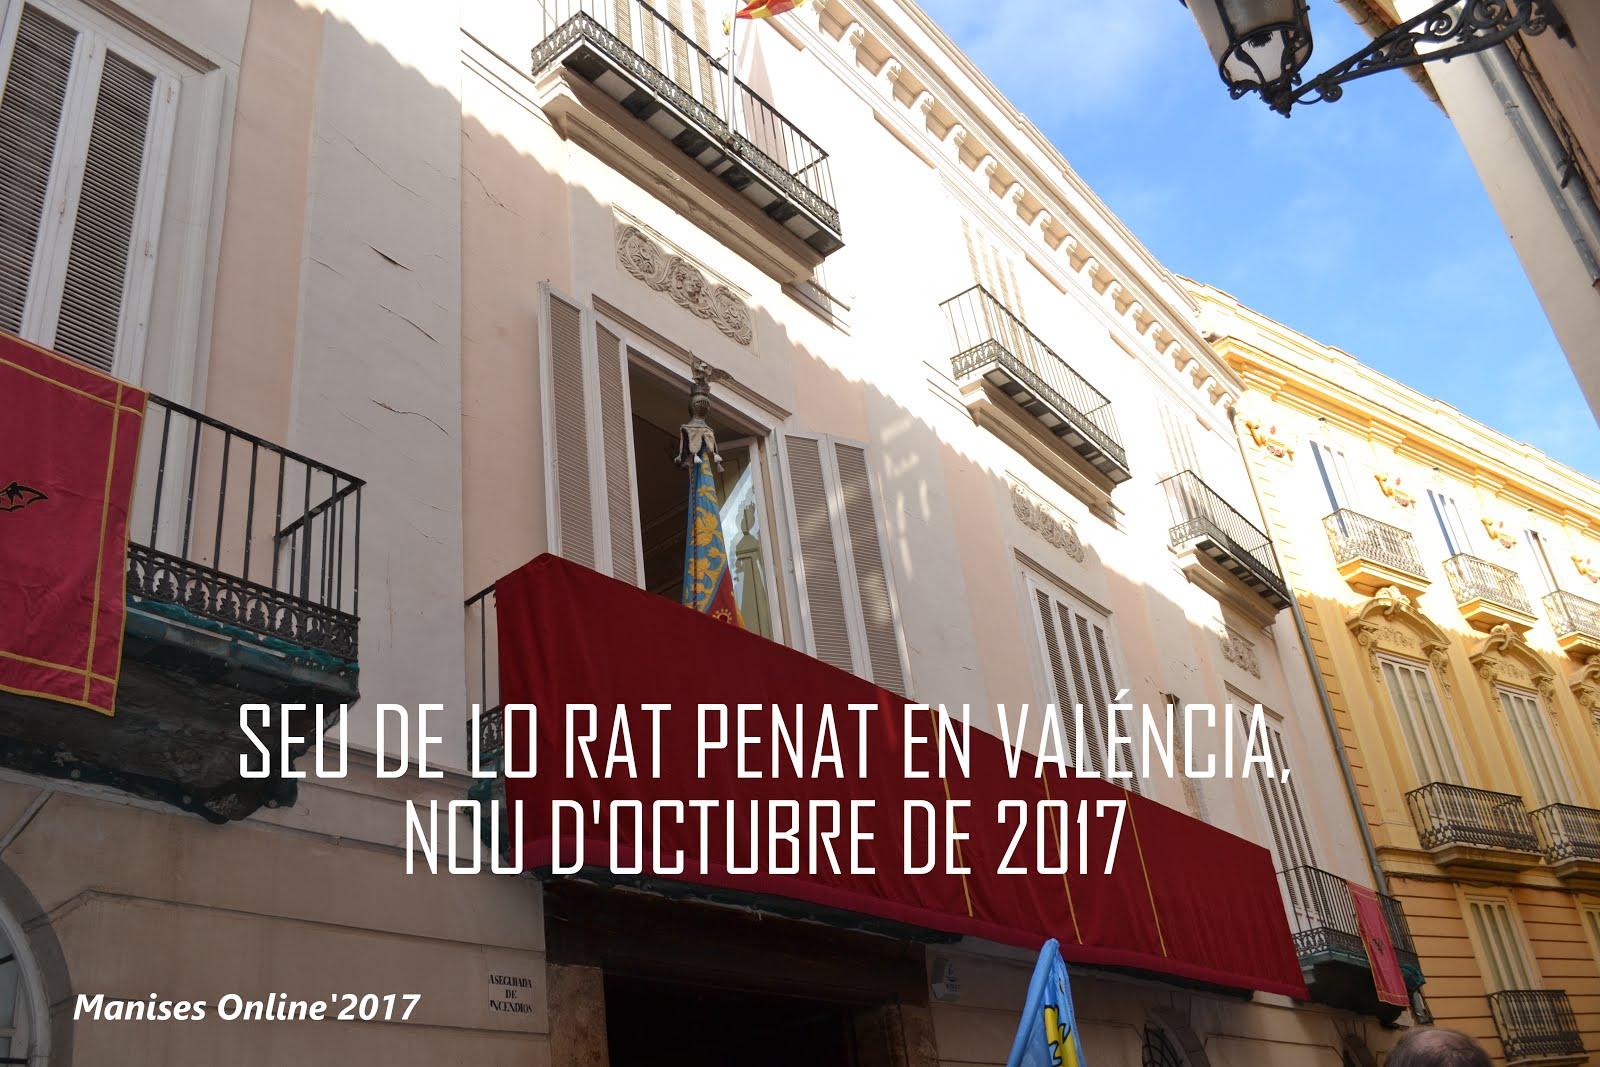 09.10.17 NOU D'OCTUBRE, DIA DE LA PATRIA VALENCIANA